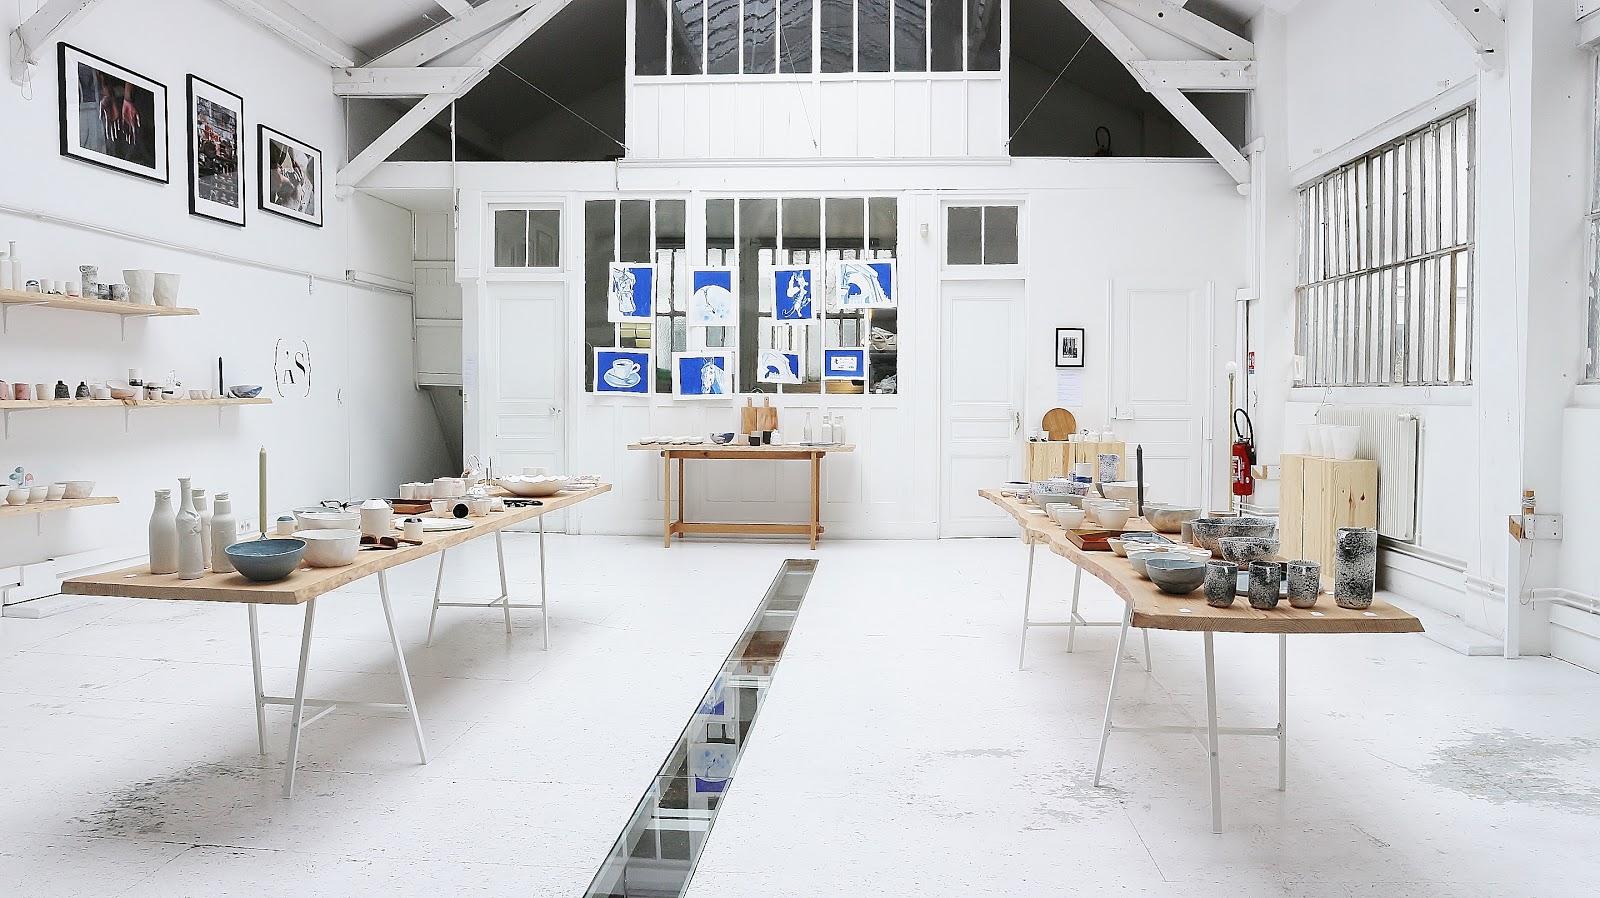 atelier rue verte le blog paris l 39 atelier singulier favorise le slow made. Black Bedroom Furniture Sets. Home Design Ideas